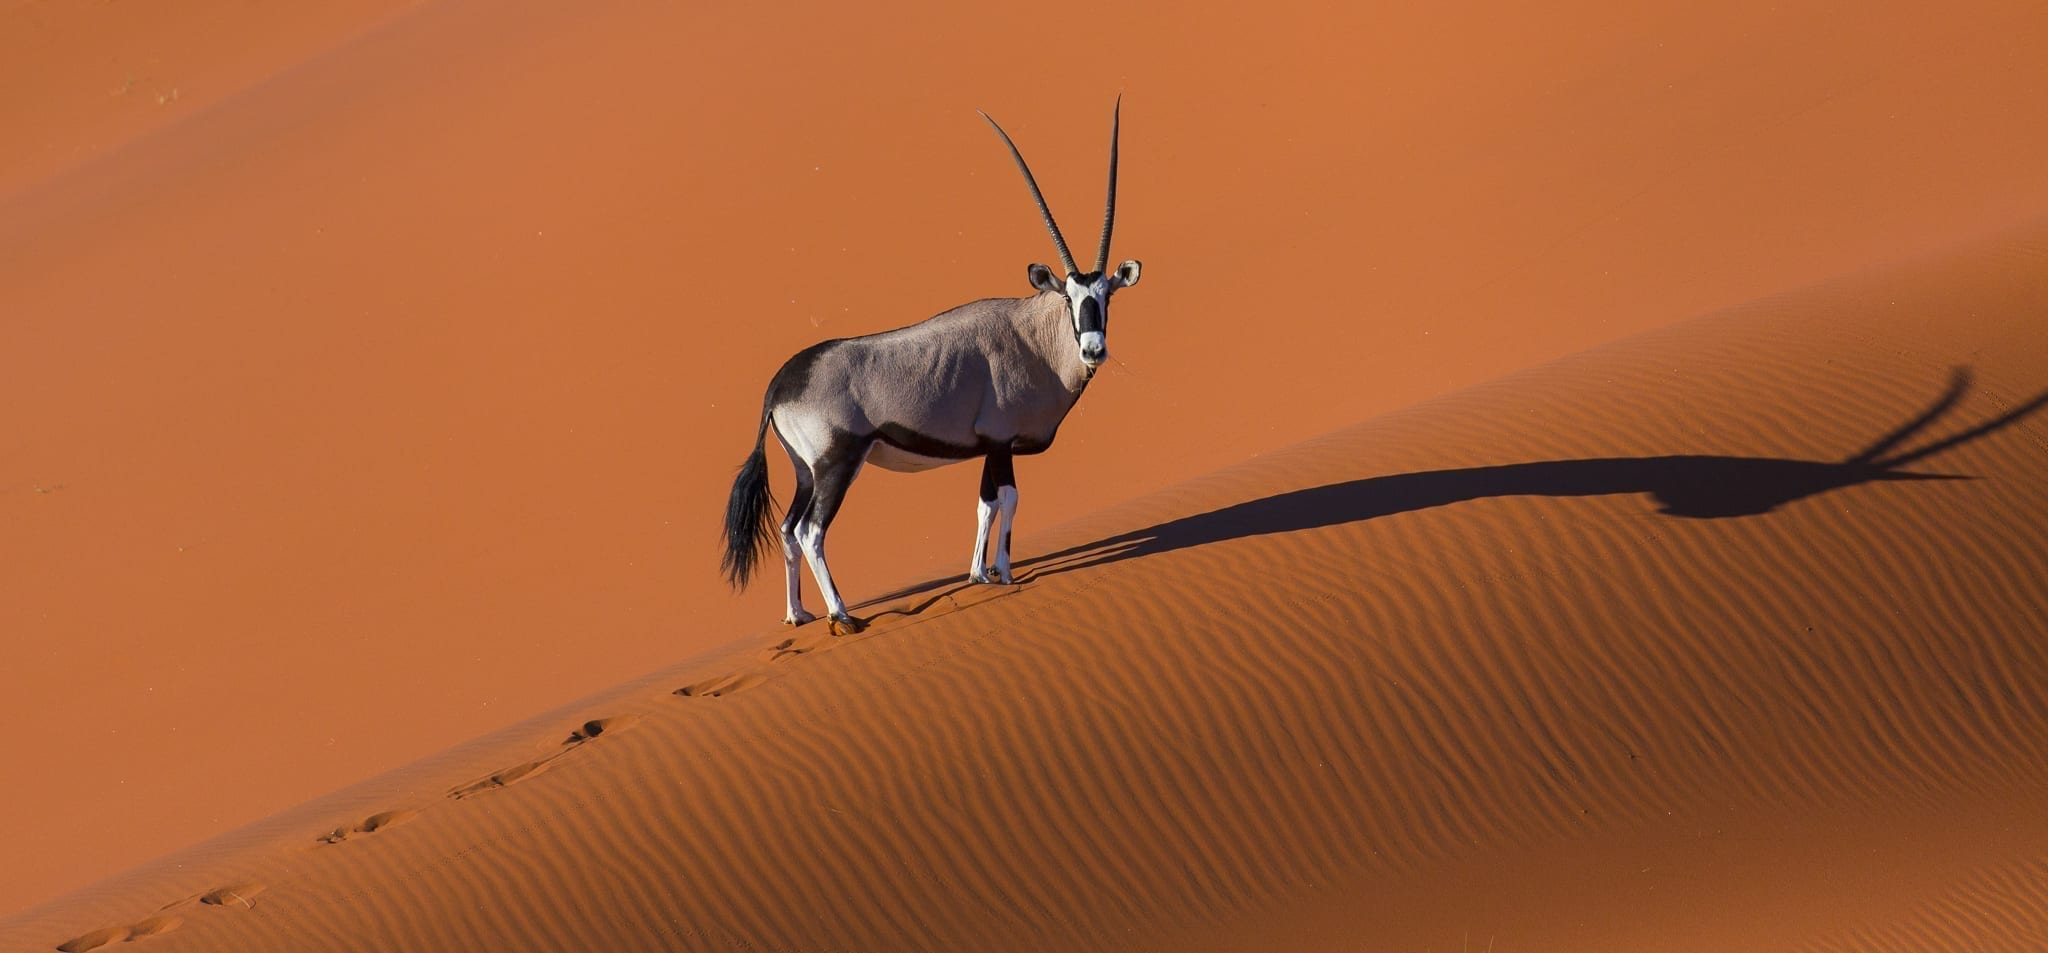 Det här tror vi händer i resebranschen 2021 - bland annat fler resor! En oryx klättrar uppför en sanddyn i öknen i Namibia – vi hoppas att det blir fler resor